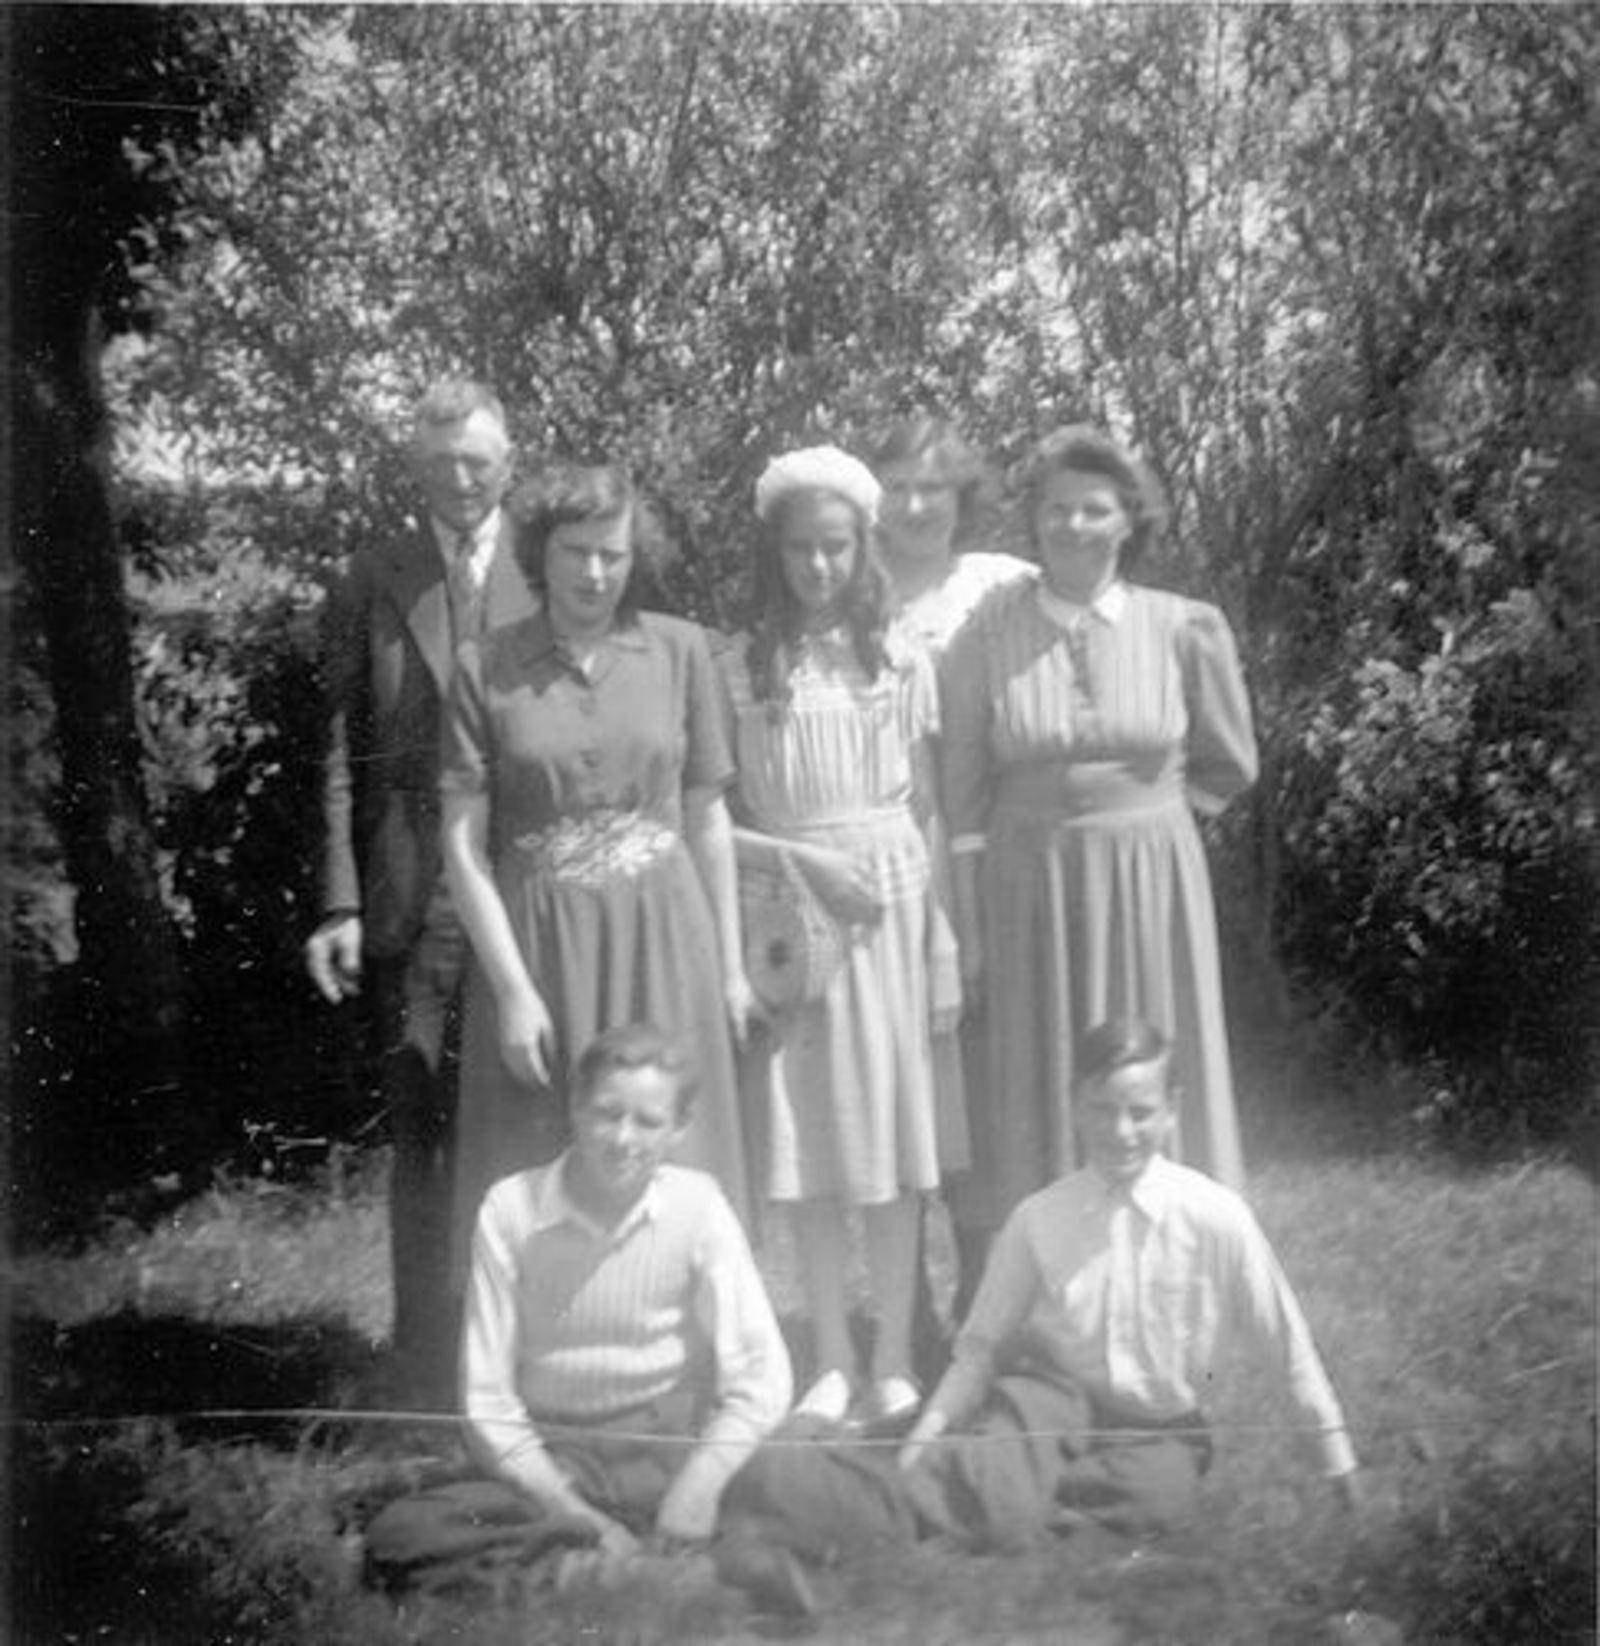 Koeckhoven Therus Janzn 1899 1950 met Gezin in de Tuin